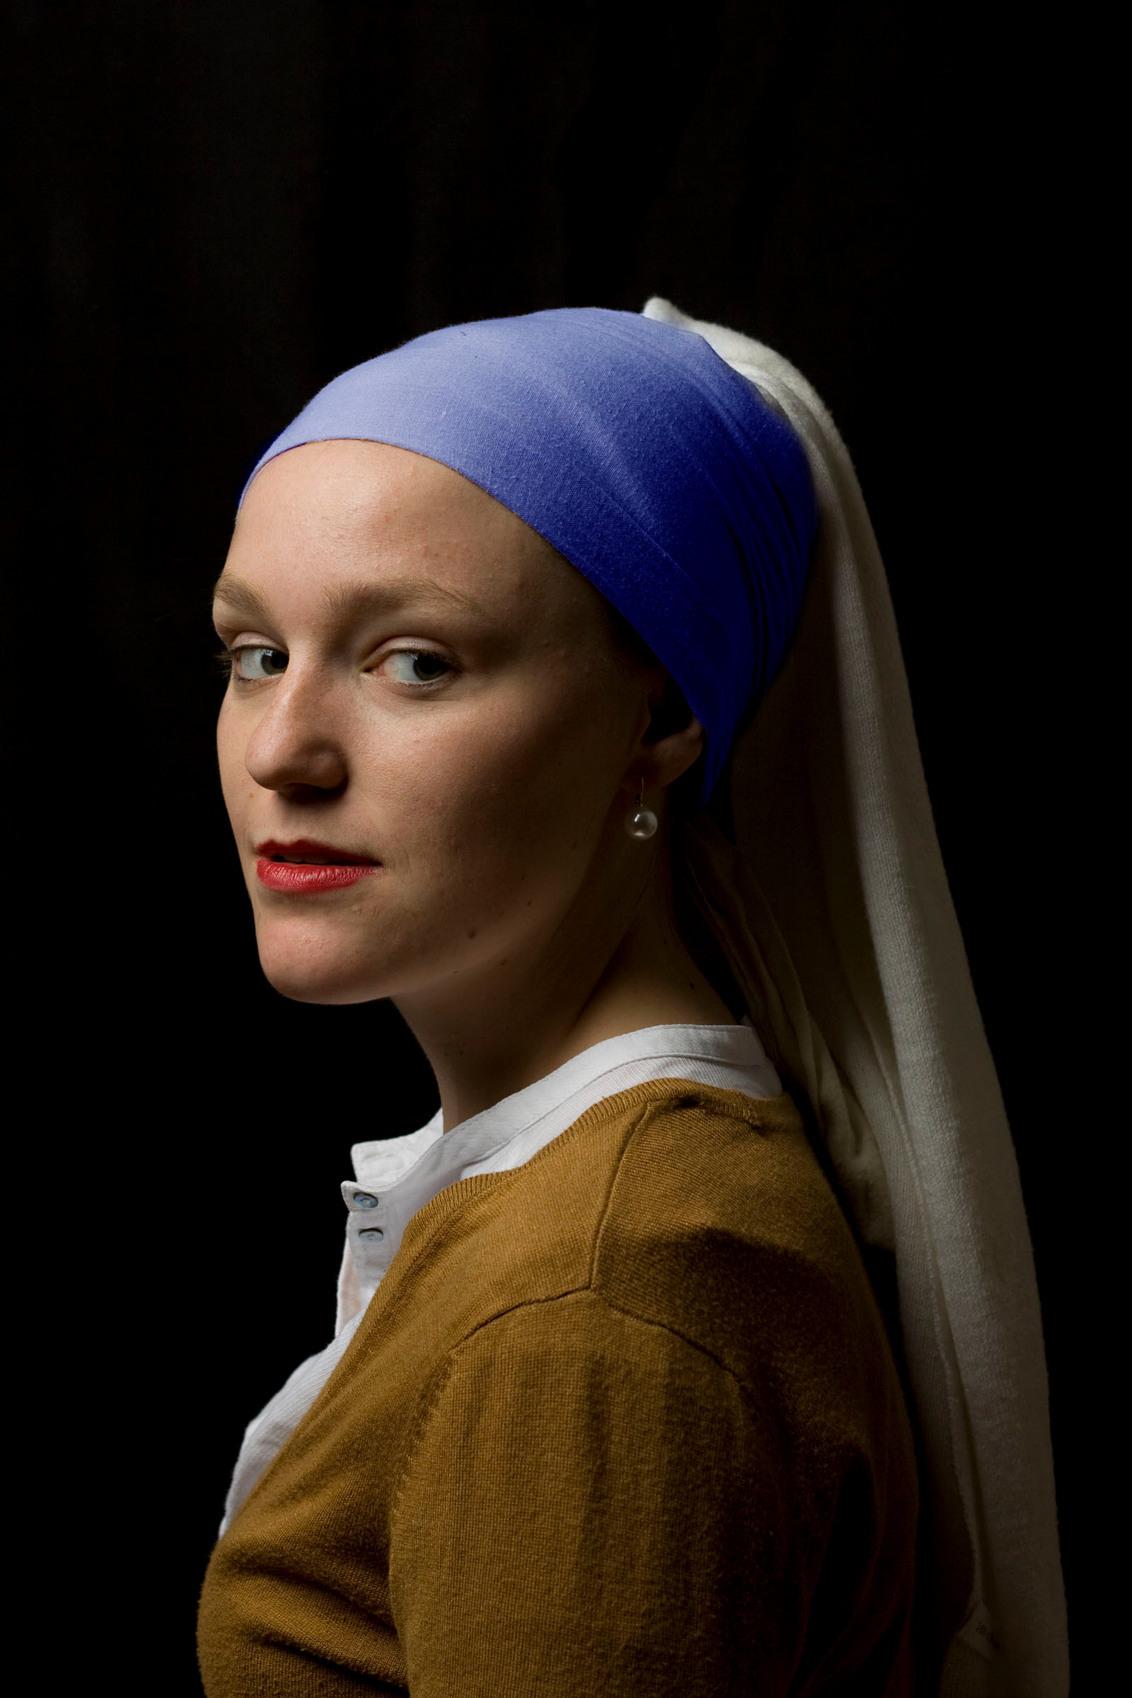 Jerney met de parel - Remake van bekend meesterwerk van Johannes Vermeer - Meisje met de parel   Girl with a pearl earring - foto door midfield op 16-04-2014 - deze foto bevat: vrouw, donker, licht, portret, schilder, schaduw, model, flits, kunst, ogen, art, schilderij, meisje, emotie, studio, blond, mauritshuis, belichting, softbox, kunstenaar, mode, fotoshoot, parel, oorbel, meid, kunt, kopie, visagie, copy, lichtinval, flitser, lowkey, studioflitser, inspiratie, oorbellen, meesterwerk, styling, meester, vermeer, strobist, remake, plagiaat, tronie, hollandse meester, johannes vermeer, parel oorbellen, parel oorbel, meisje met de parels, meisje met de parel, girl with a pearl earring remake, girl with the pearl earring, girl with a pearl earring